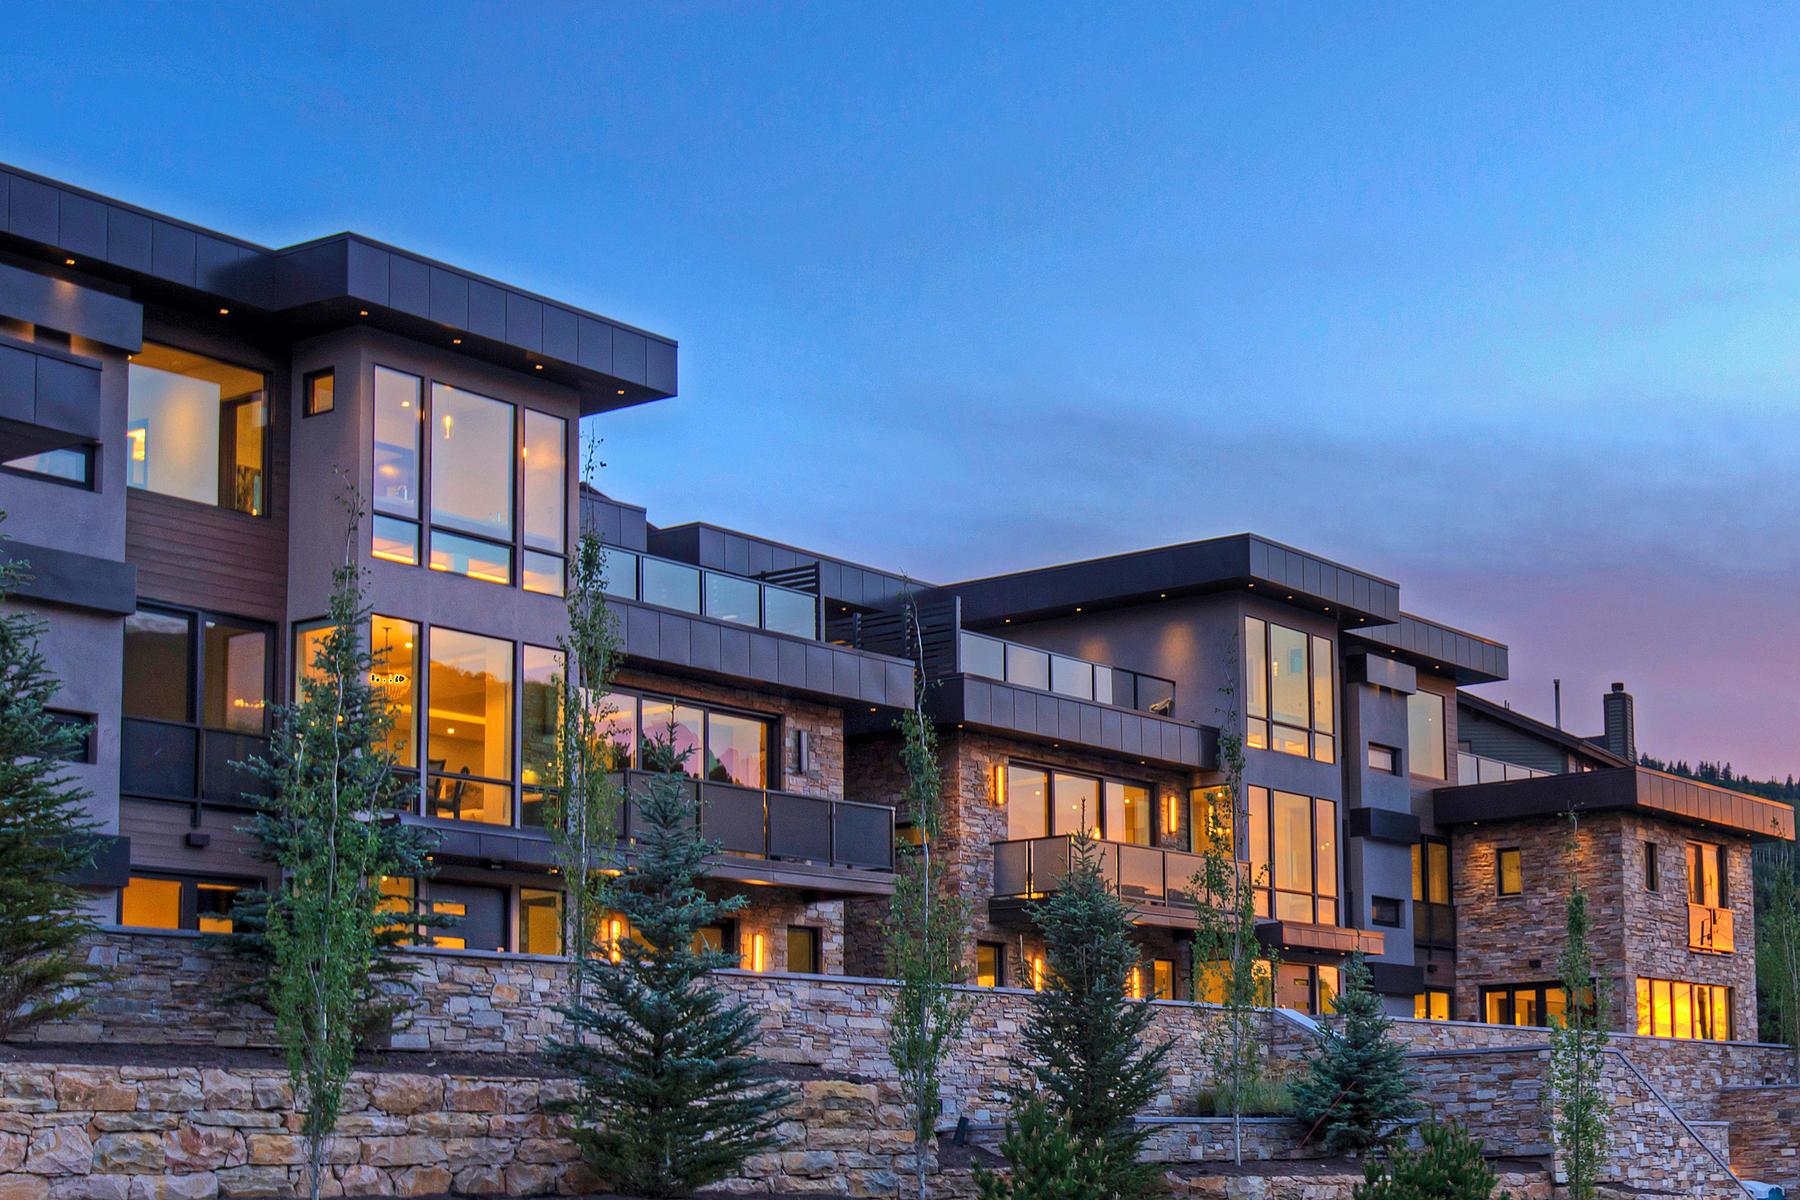 Кондоминиум для того Продажа на New Contemporary Construction in Old Town 300 Deer Valley Lp #B Park City, Юта, 84060 Соединенные Штаты